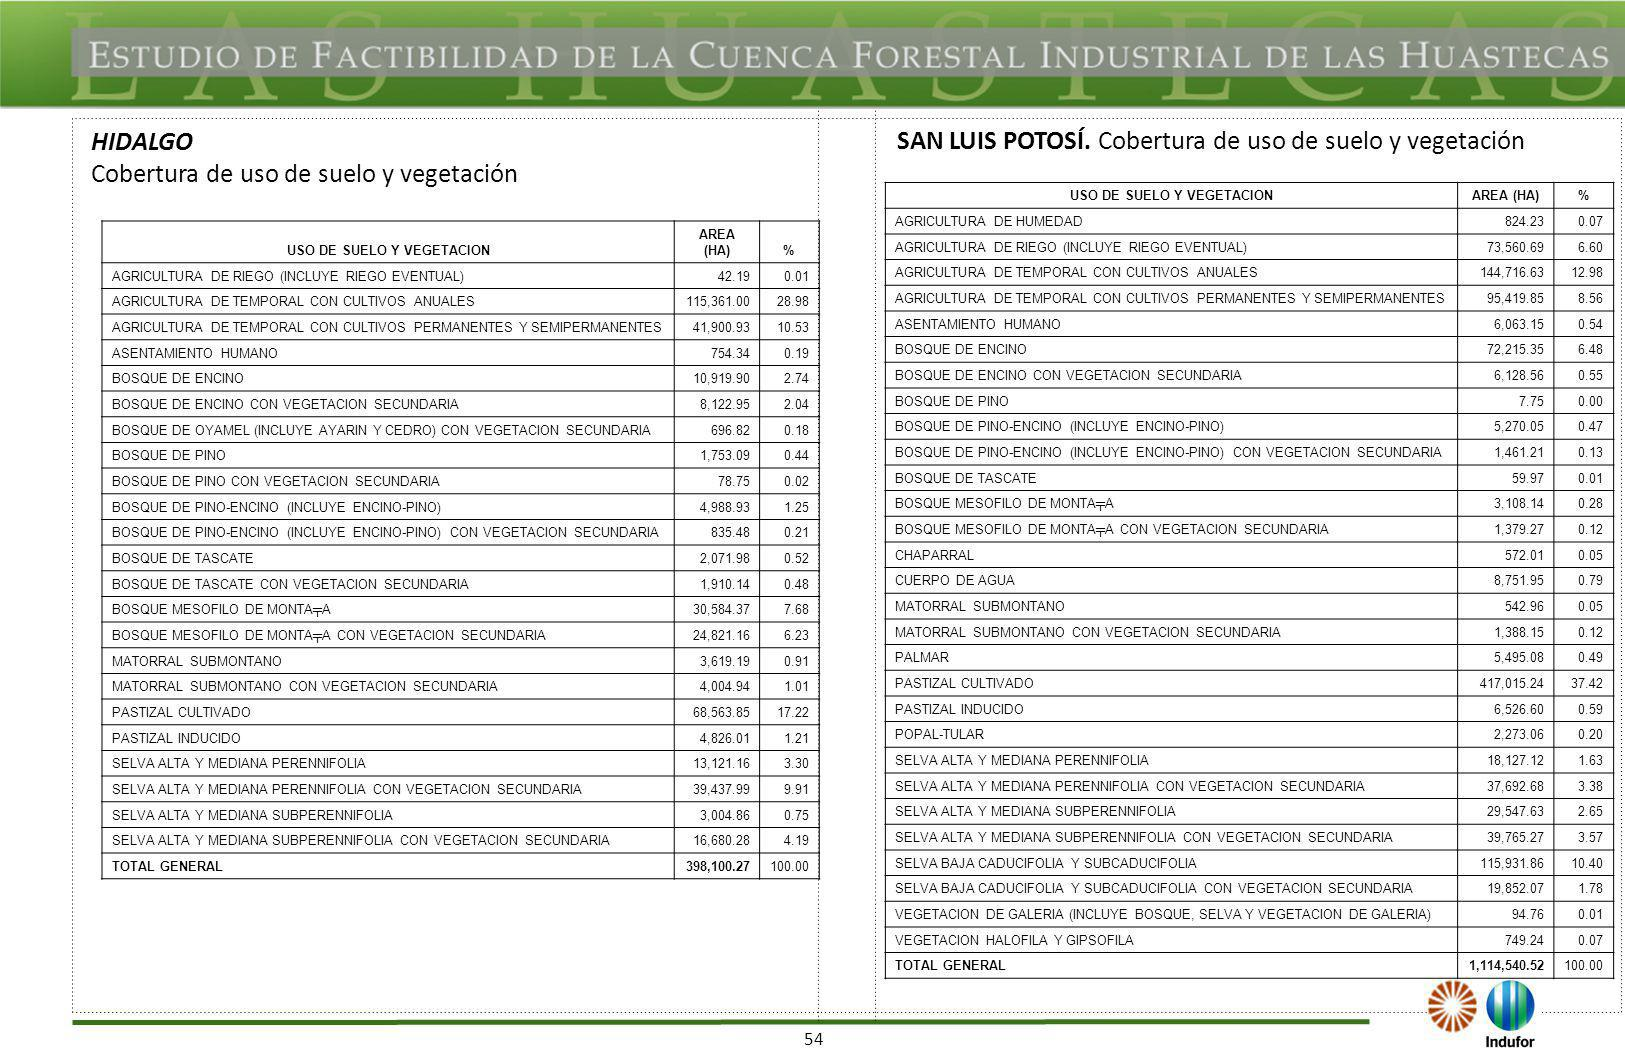 54 HIDALGO Cobertura de uso de suelo y vegetación SAN LUIS POTOSÍ. Cobertura de uso de suelo y vegetación USO DE SUELO Y VEGETACION AREA (HA)% AGRICUL